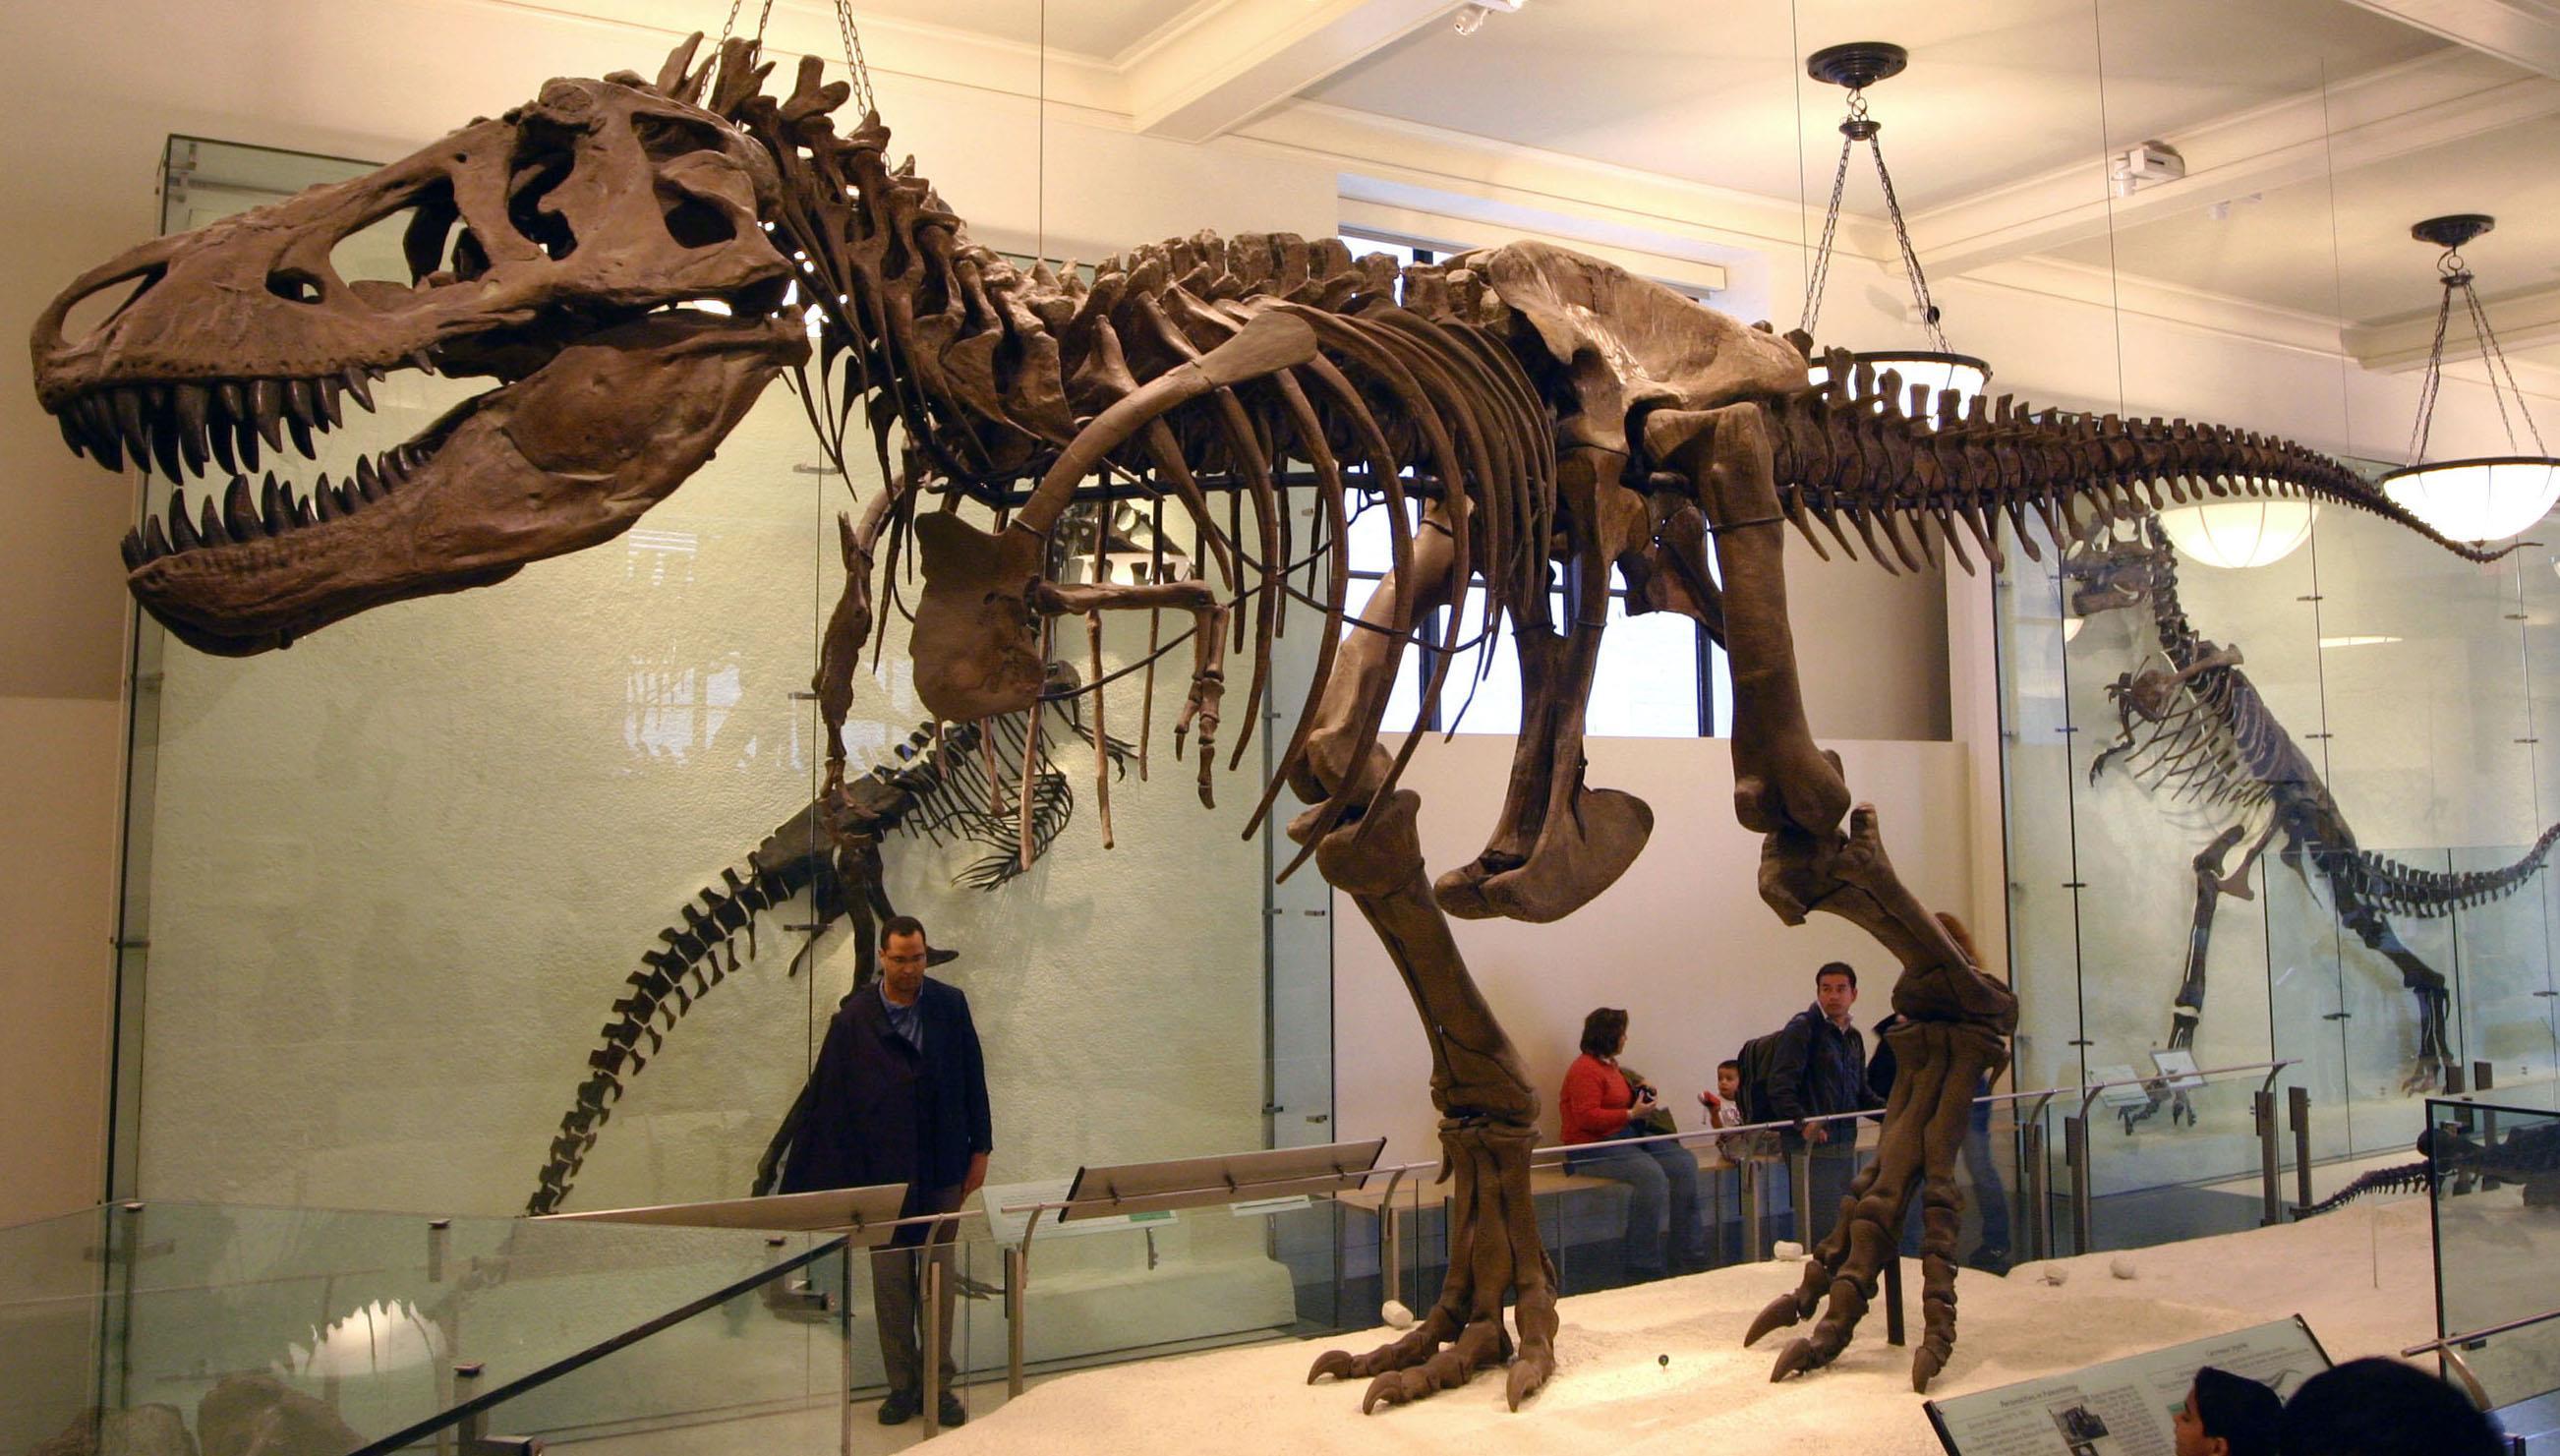 دراسة: حوالي 2.5 مليار تيرانوصور جابوا الكرة الأرضية على مدار مليوني عام